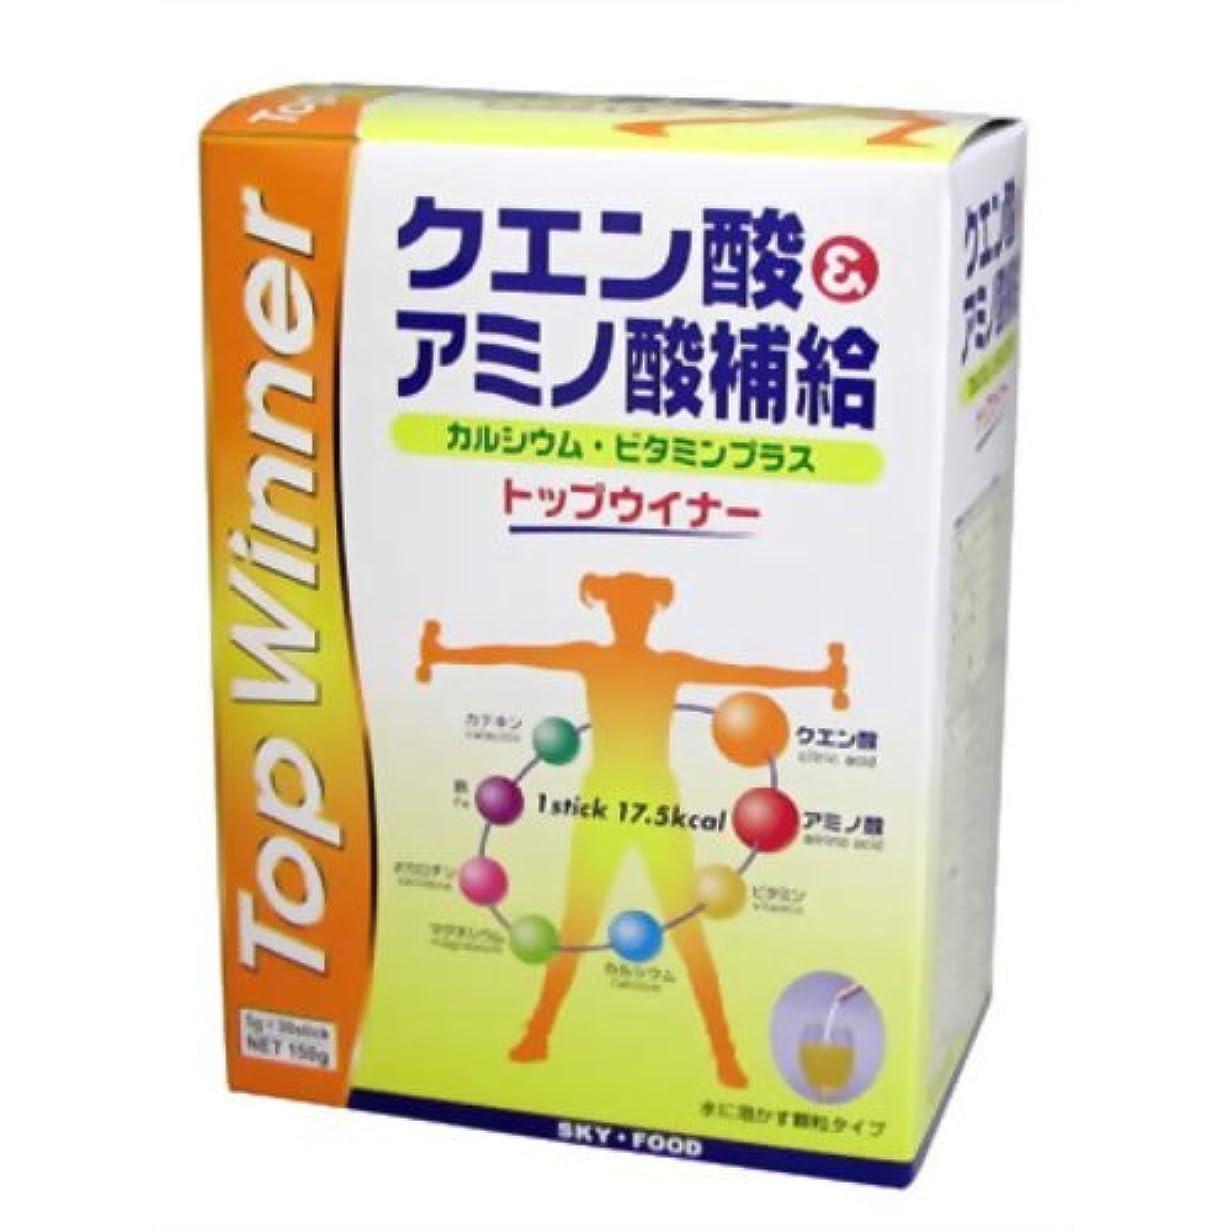 美容師海峡権利を与えるクエン酸&アミノ酸補給 トップウィナー 5g×30袋